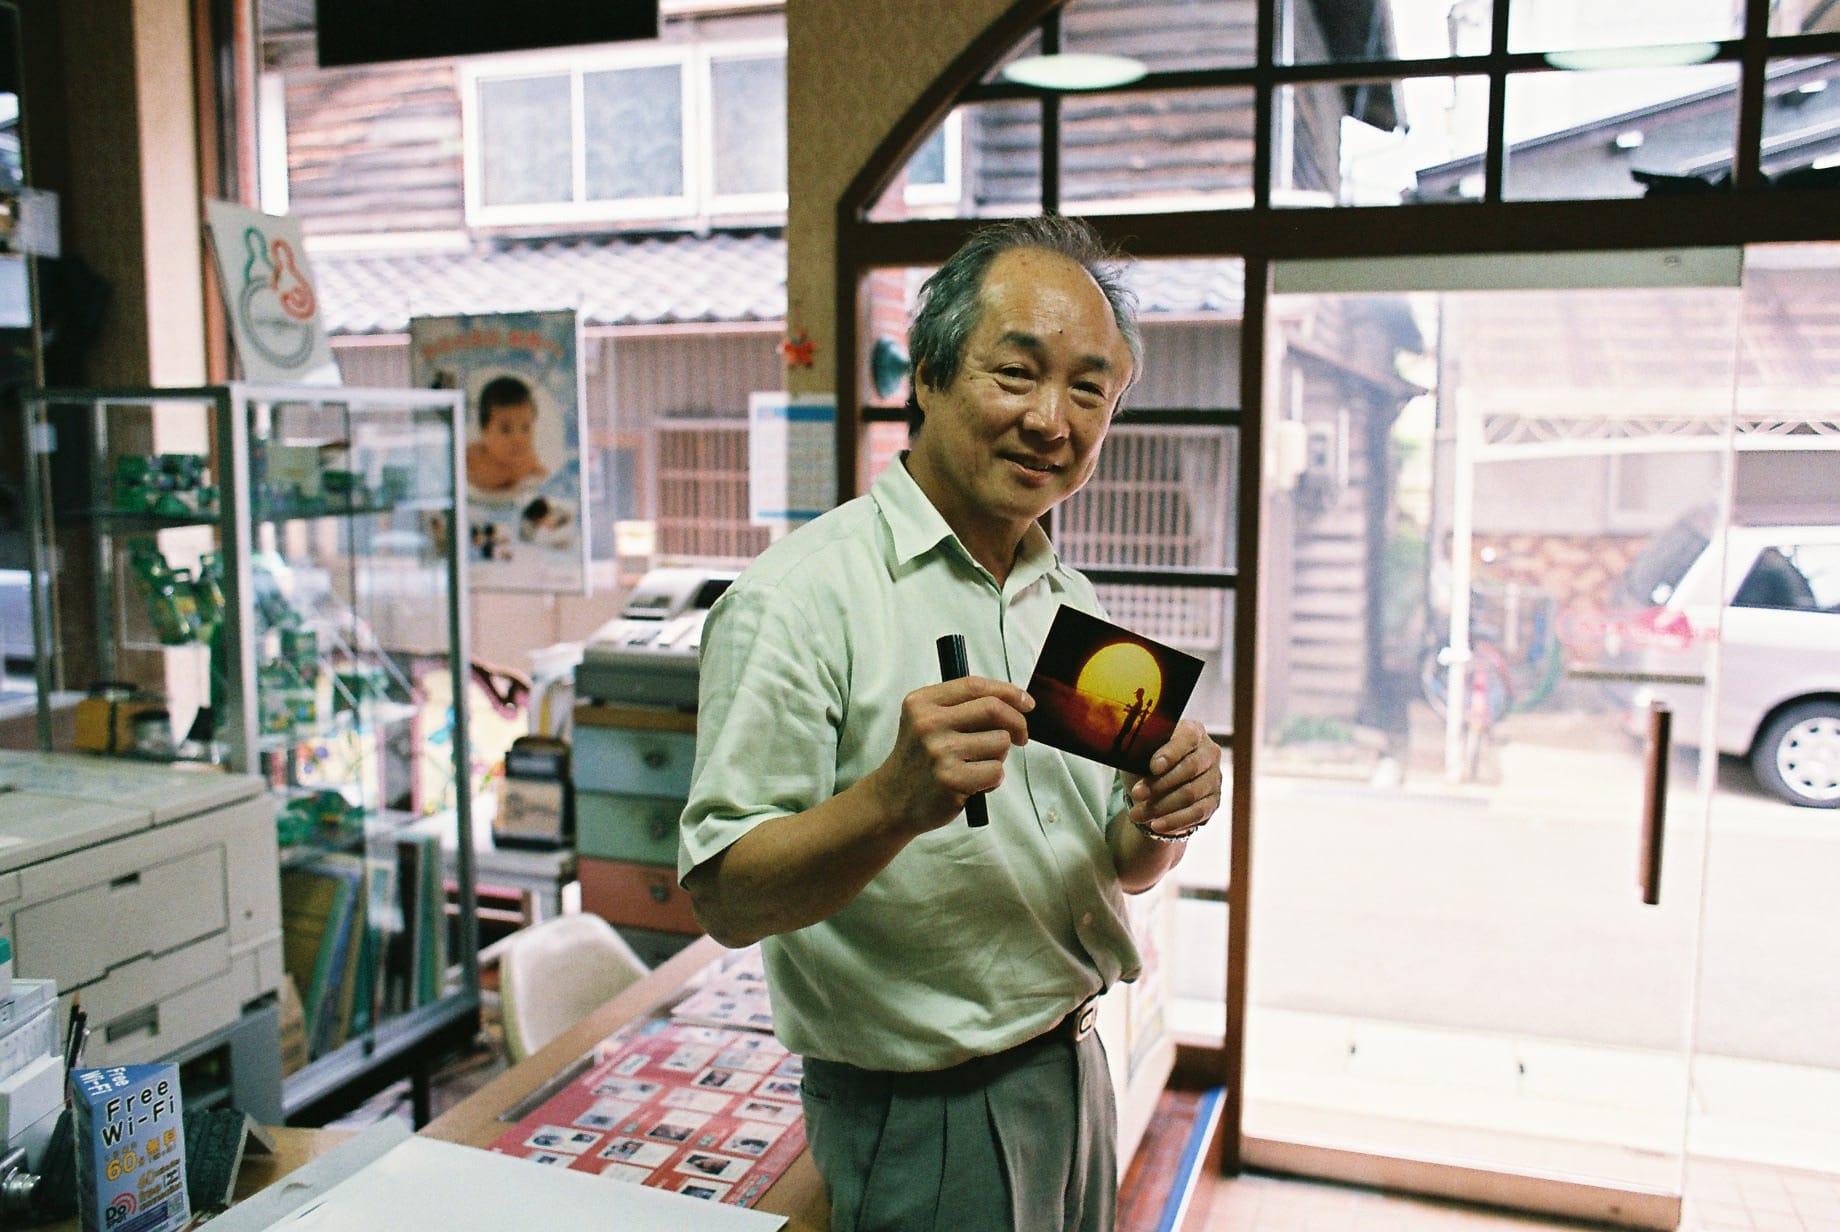 和田さん父撮影のお気に入りの1枚を持って。サイン入りで梅さんにプレゼント。